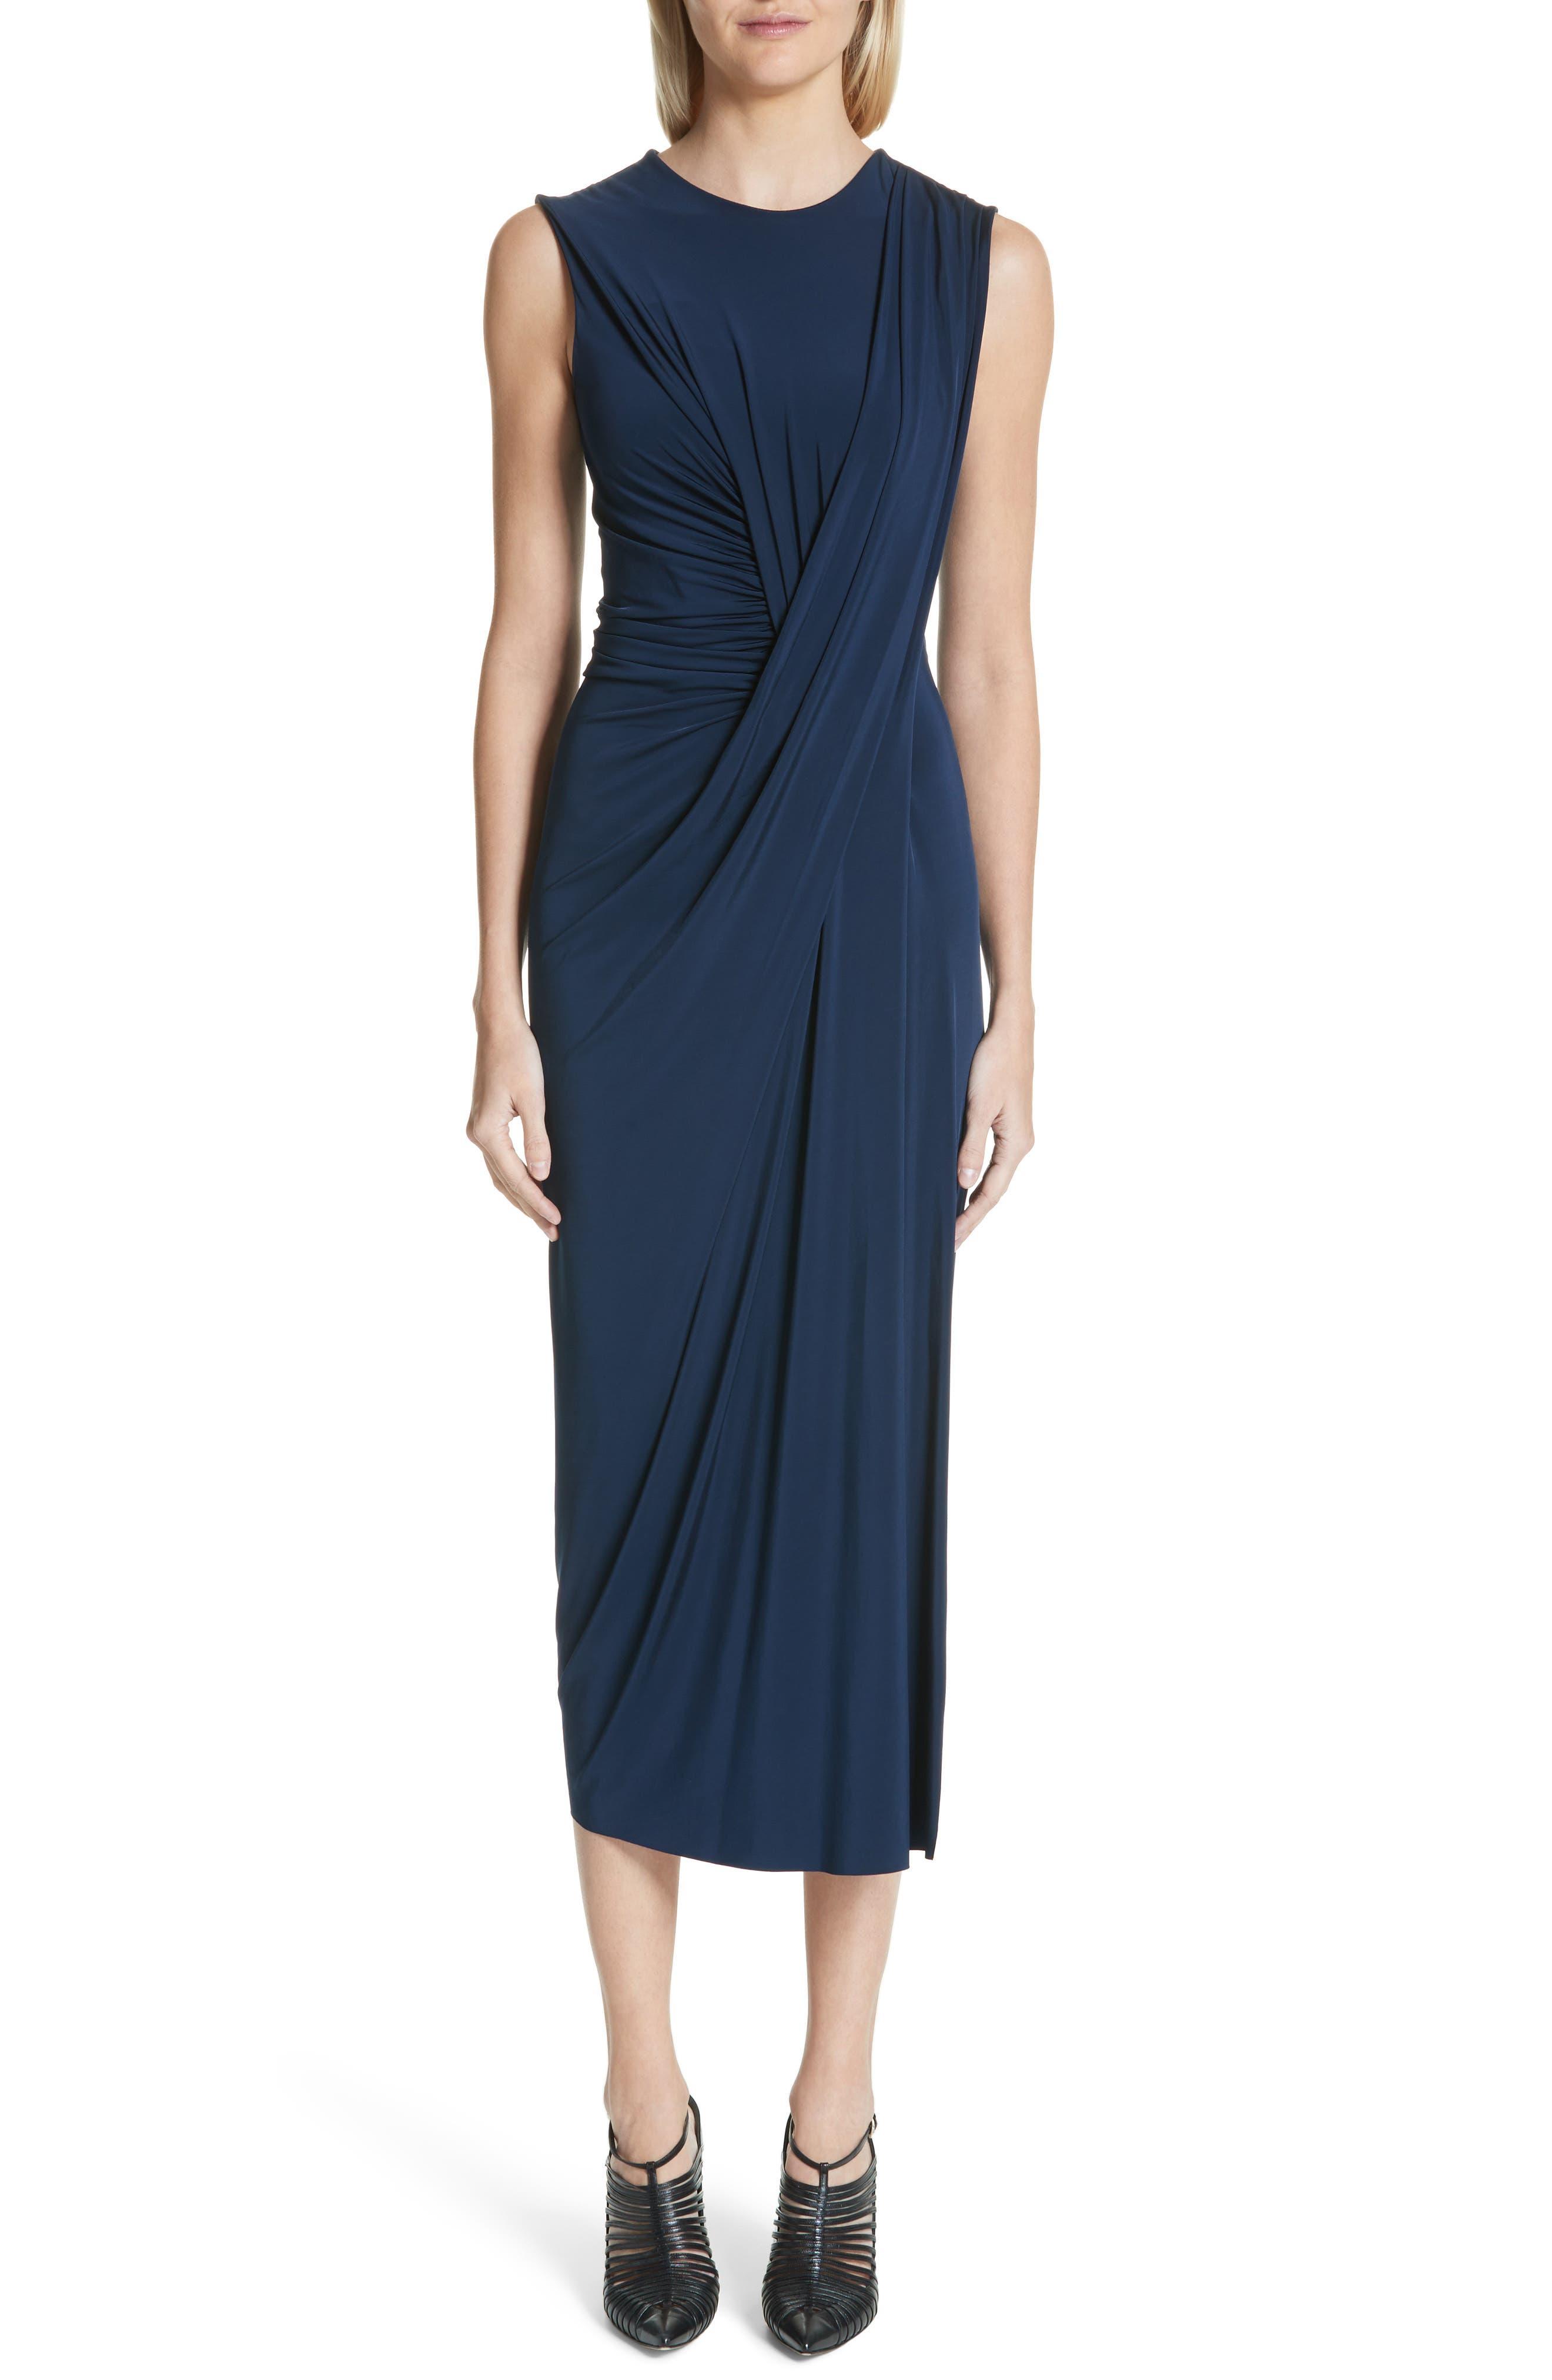 Alternate Image 1 Selected - Jason Wu Draped Jersey Dress